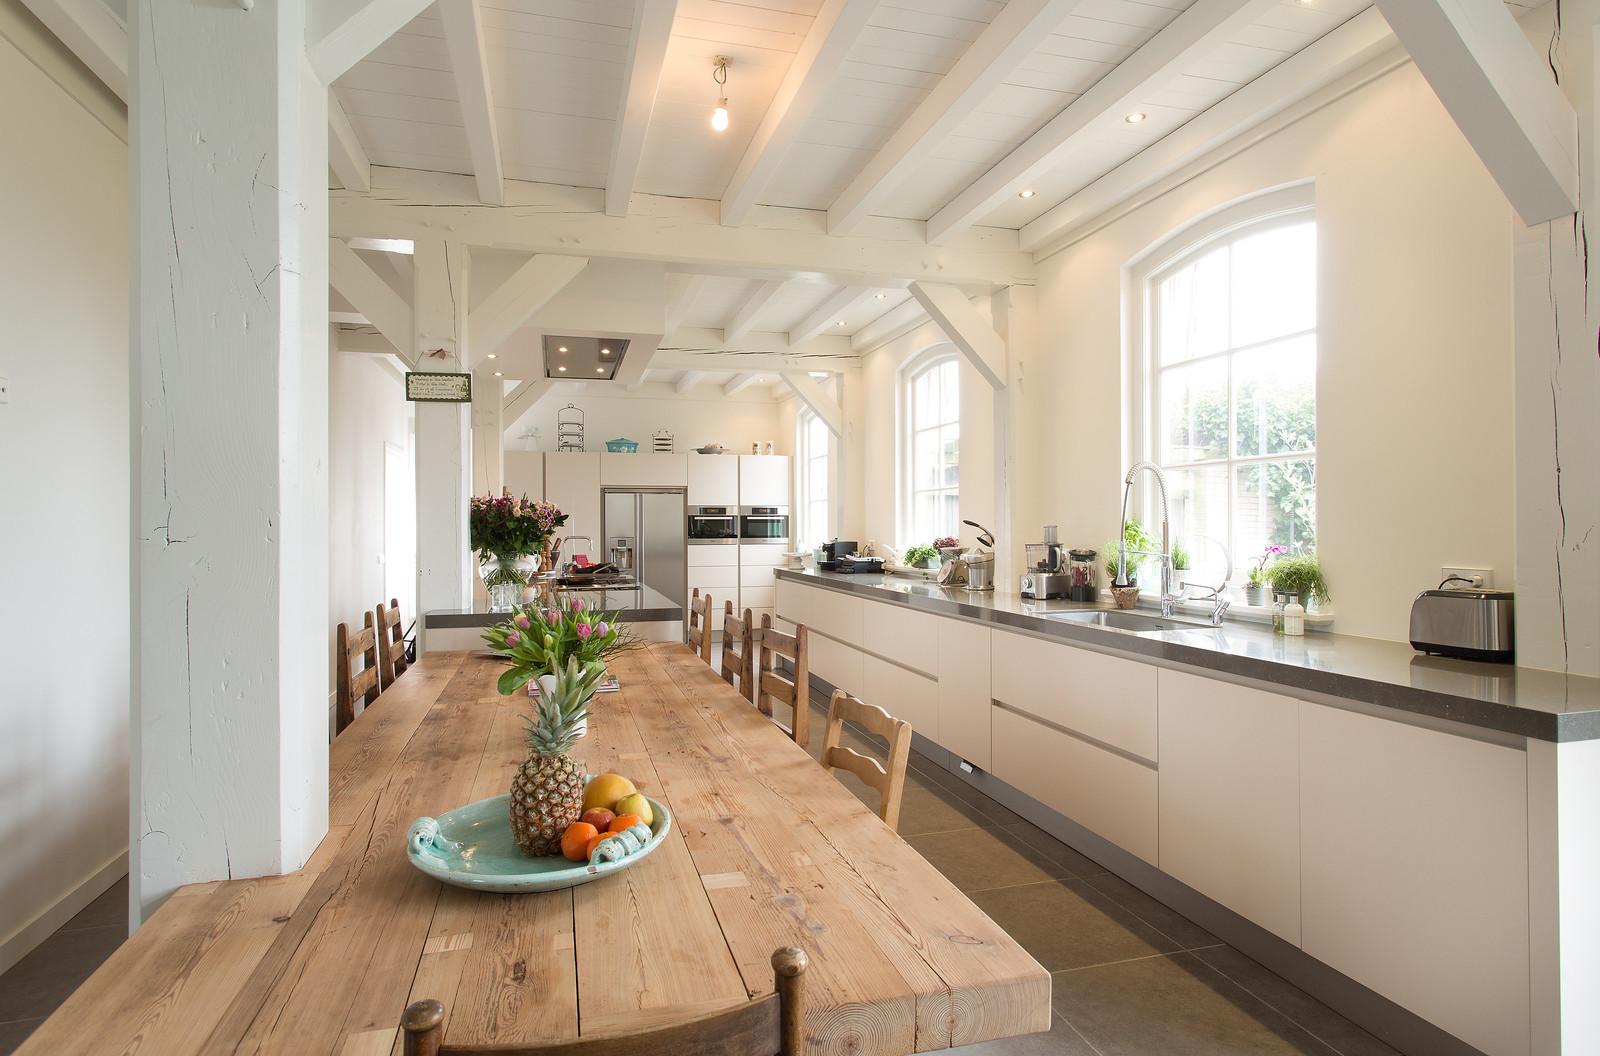 Tieleman Keukens - landelijke keuken met kookeiland #keuken #keukeninspiratie